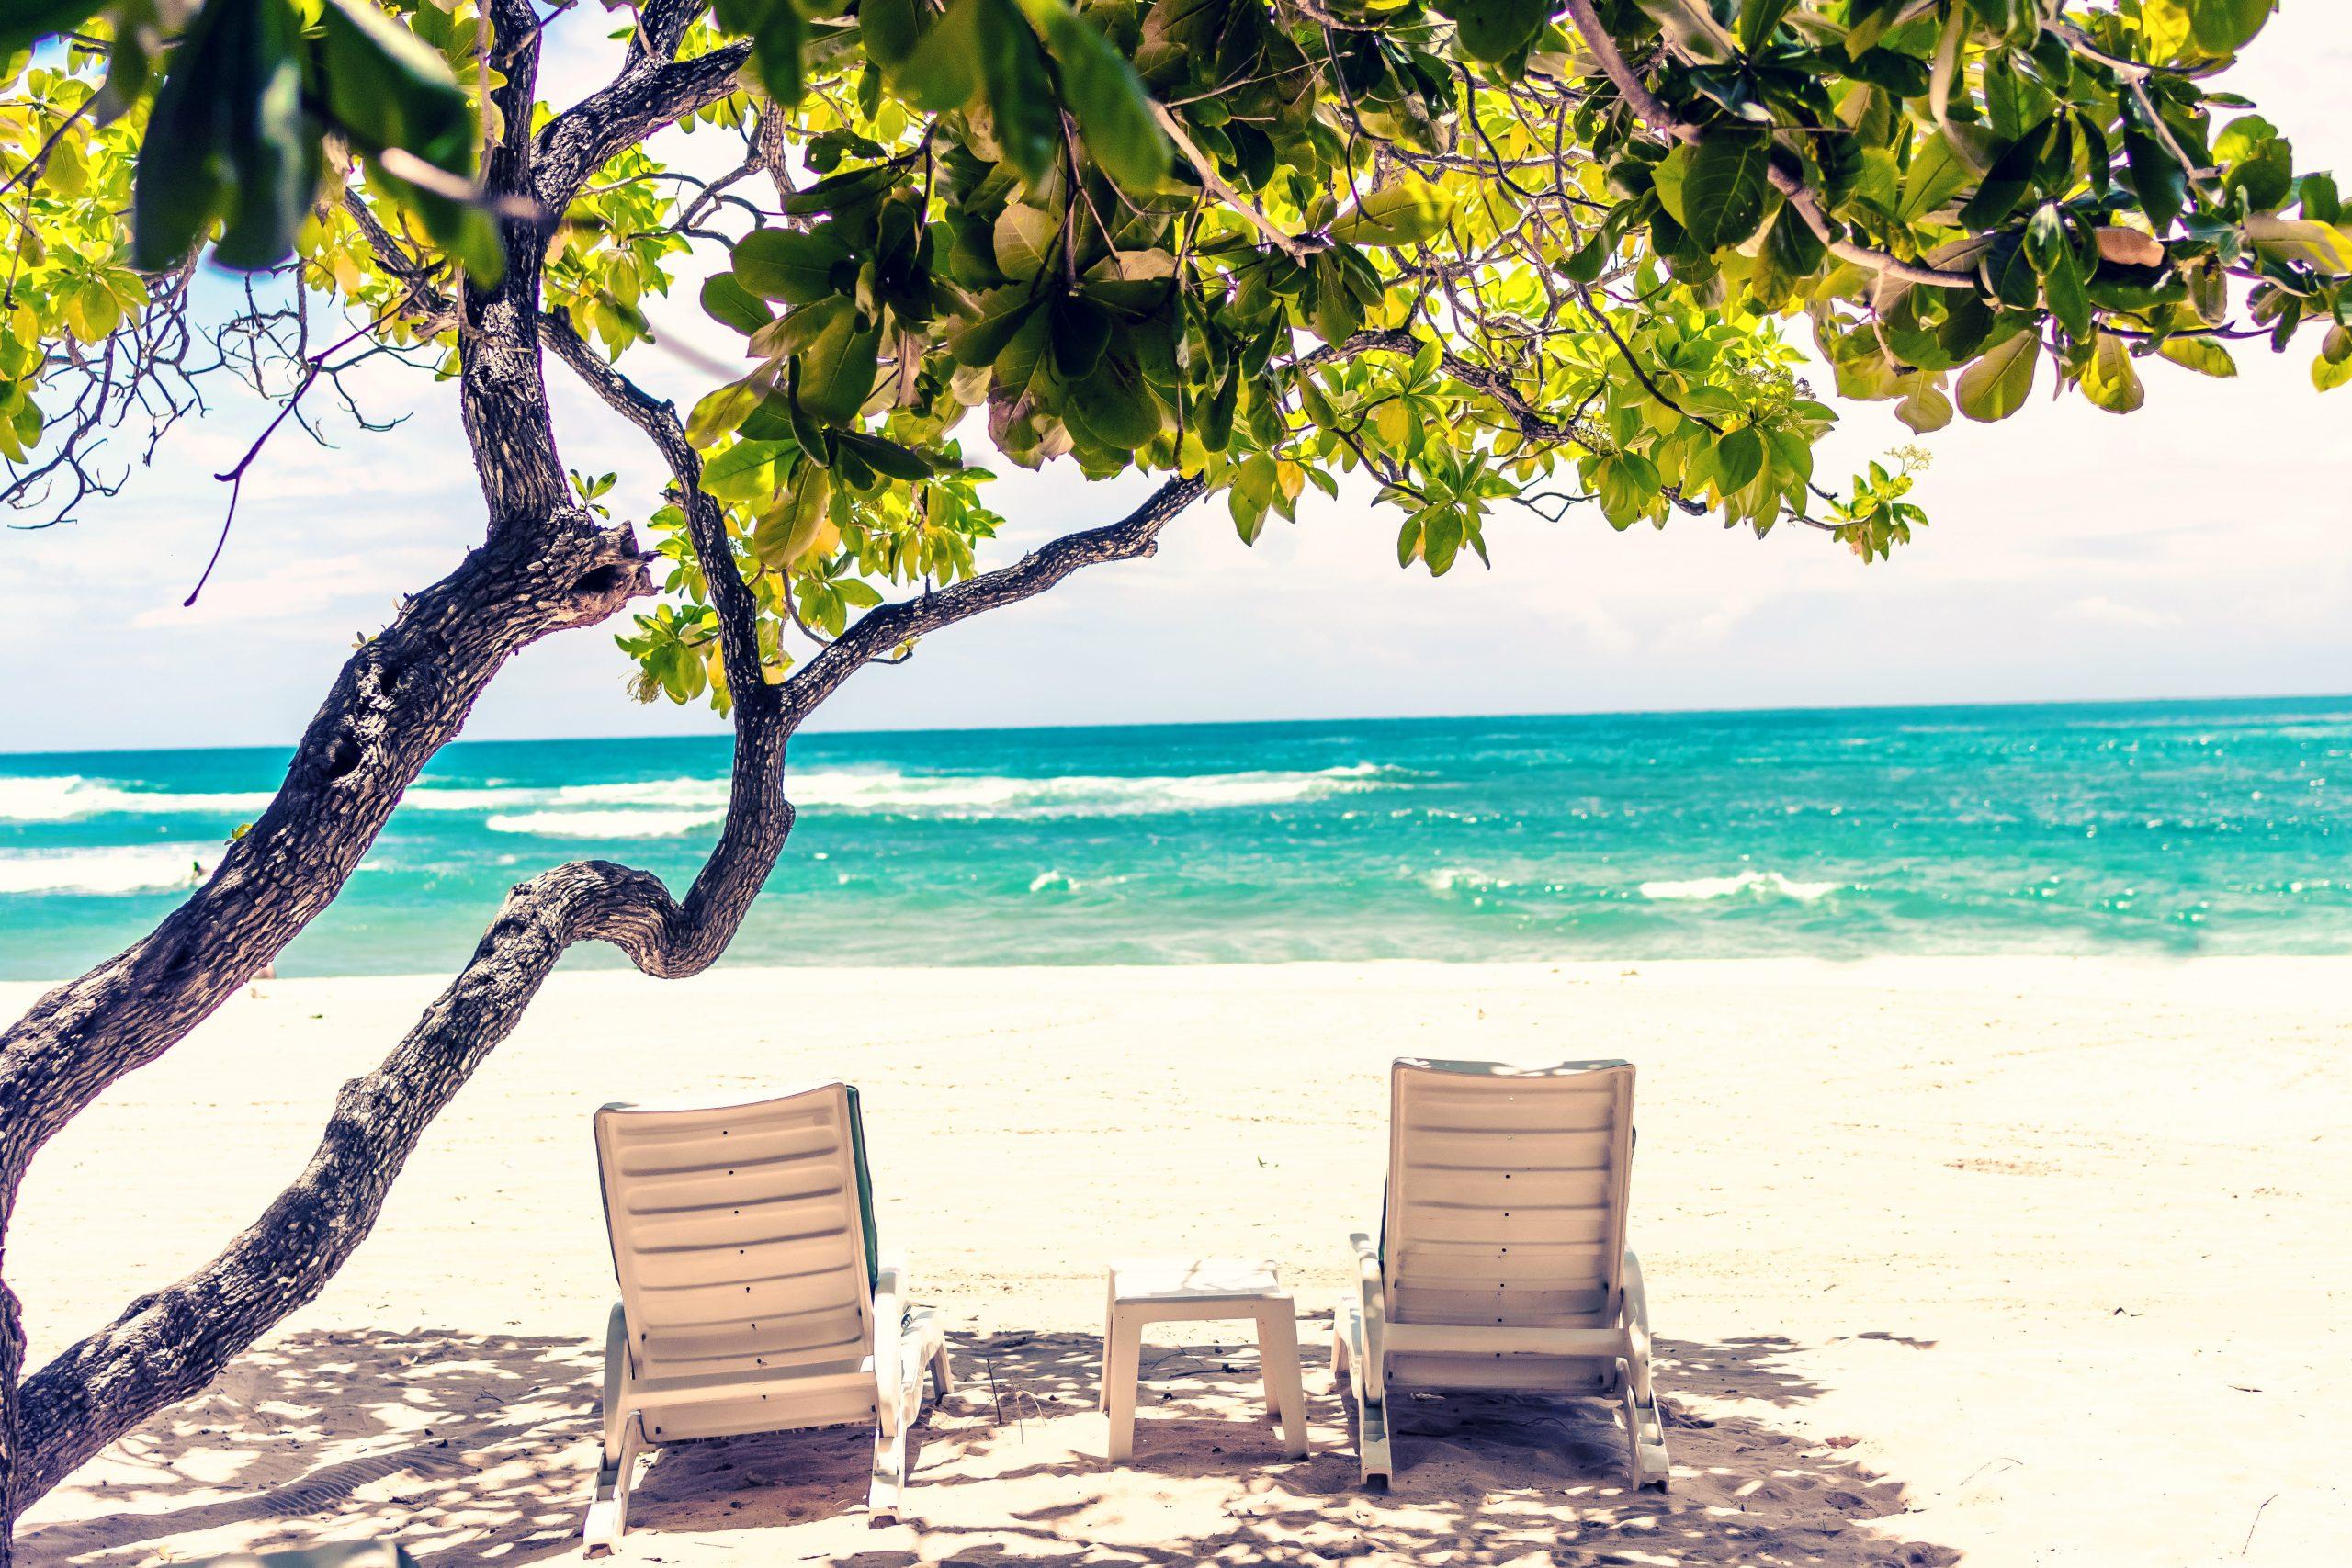 The beach on a caribbean family trip